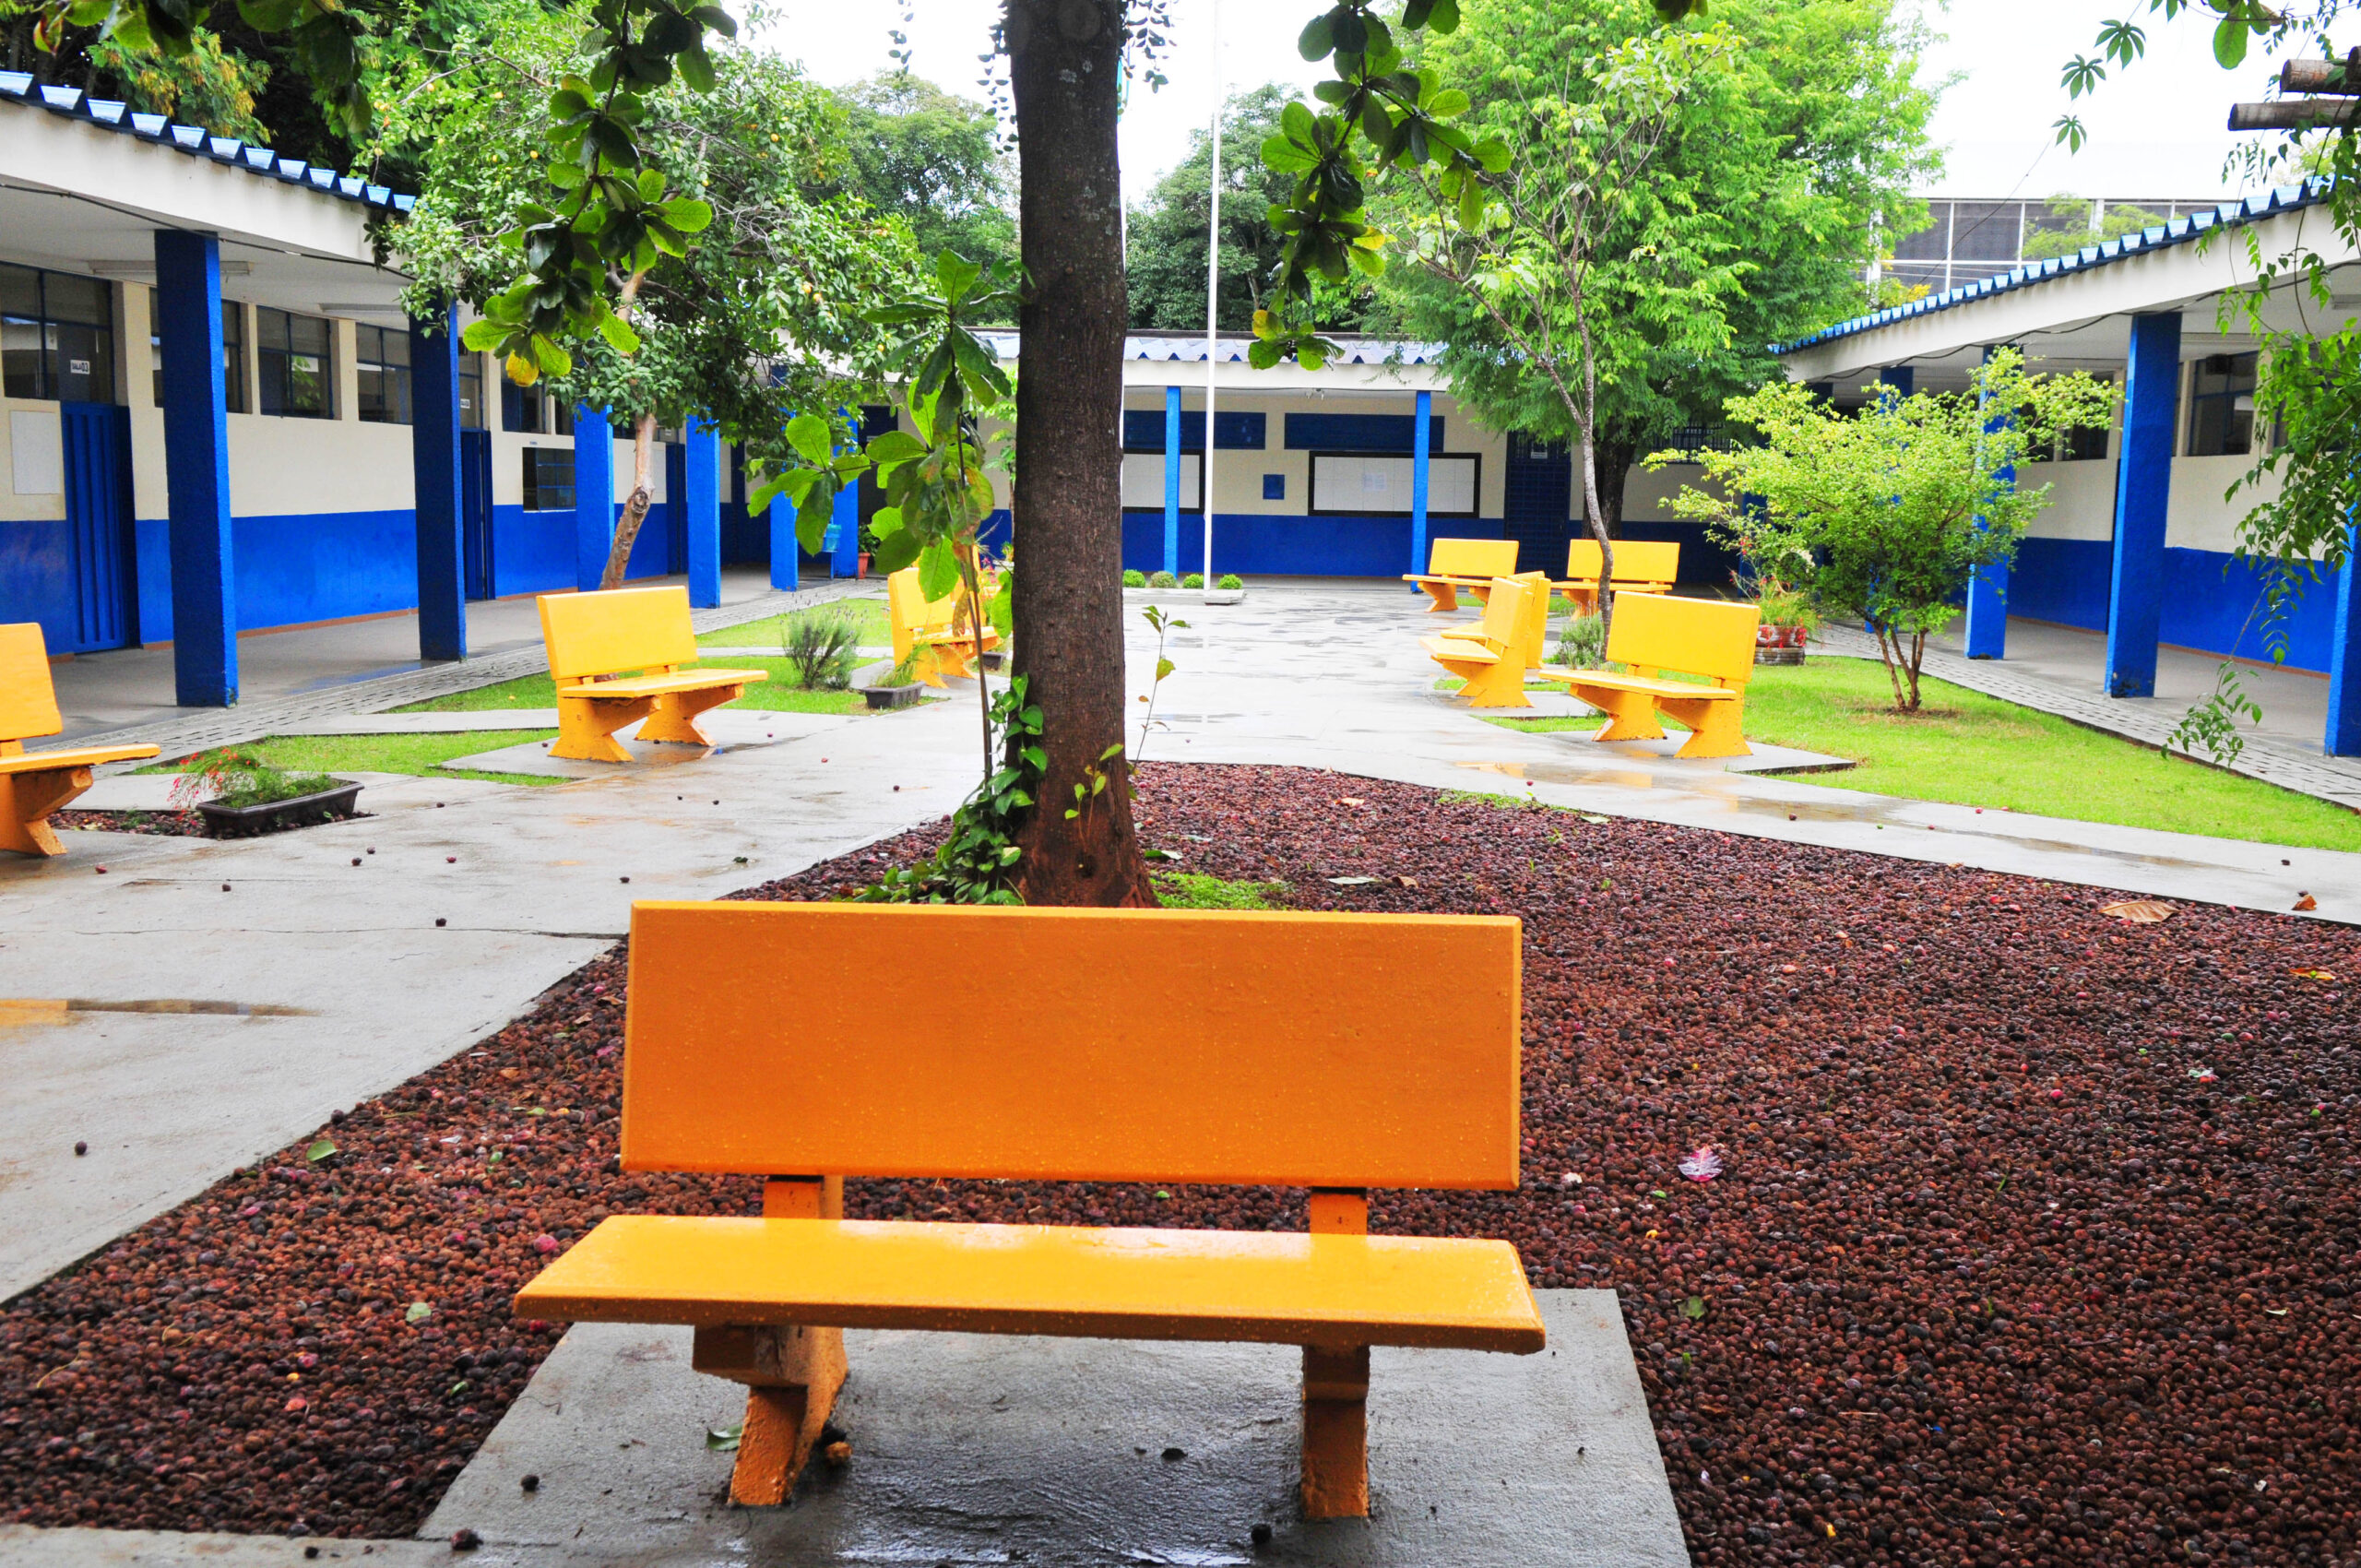 Começa a inscrição para matrícula nas escolas da rede pública